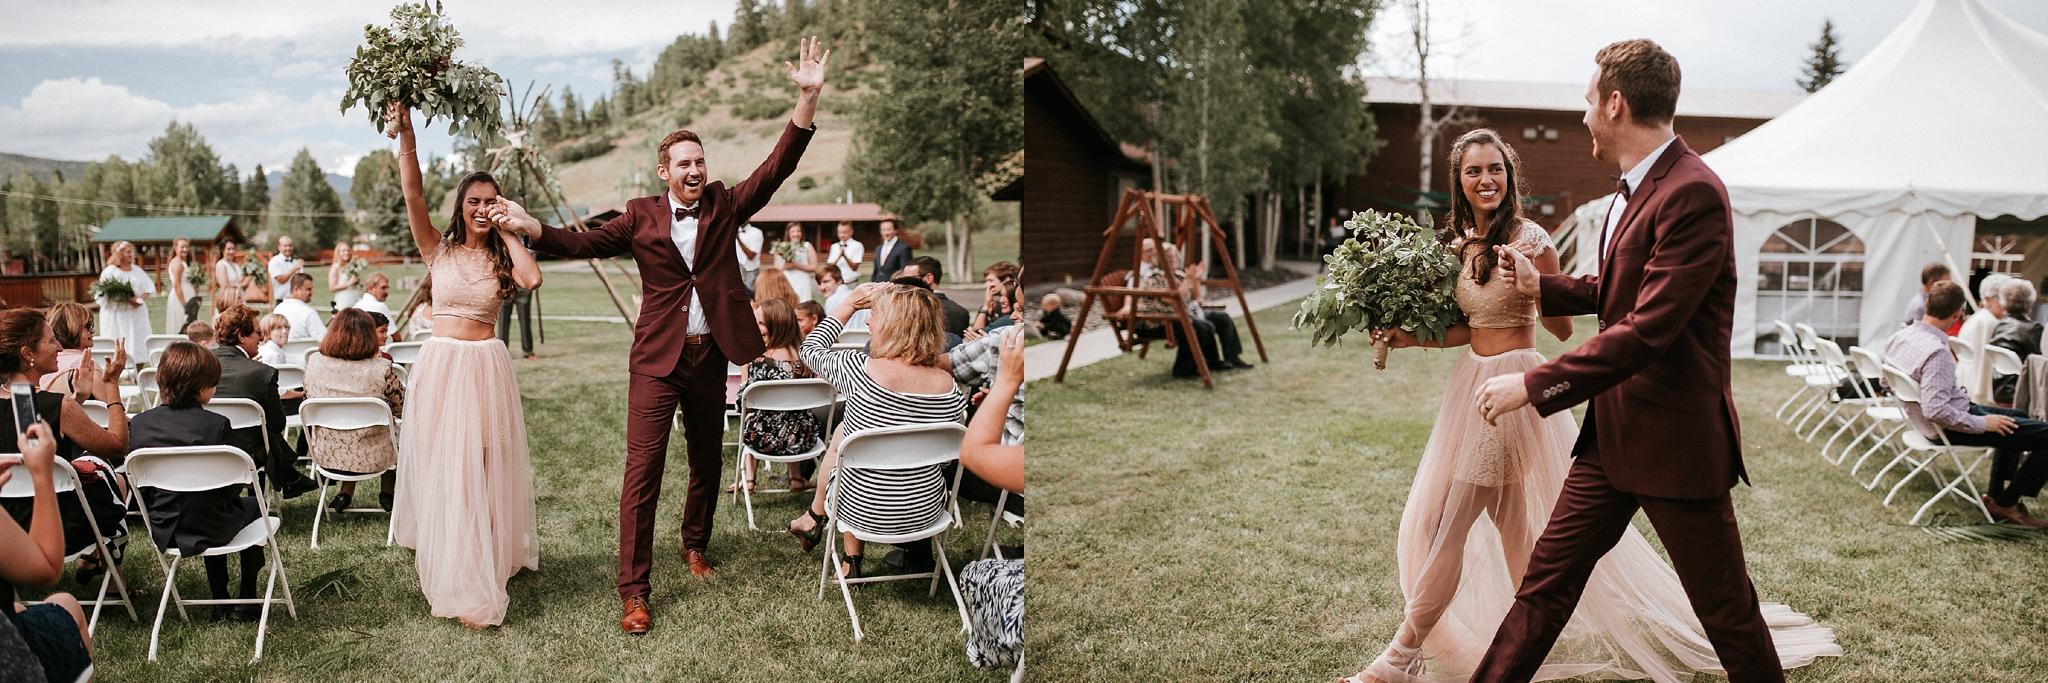 Alicia+lucia+photography+-+albuquerque+wedding+photographer+-+santa+fe+wedding+photography+-+new+mexico+wedding+photographer+-+albuquerque+wedding+-+santa+fe+wedding+-+wedding+gowns+-+non+traditional+wedding+gowns_0007.jpg